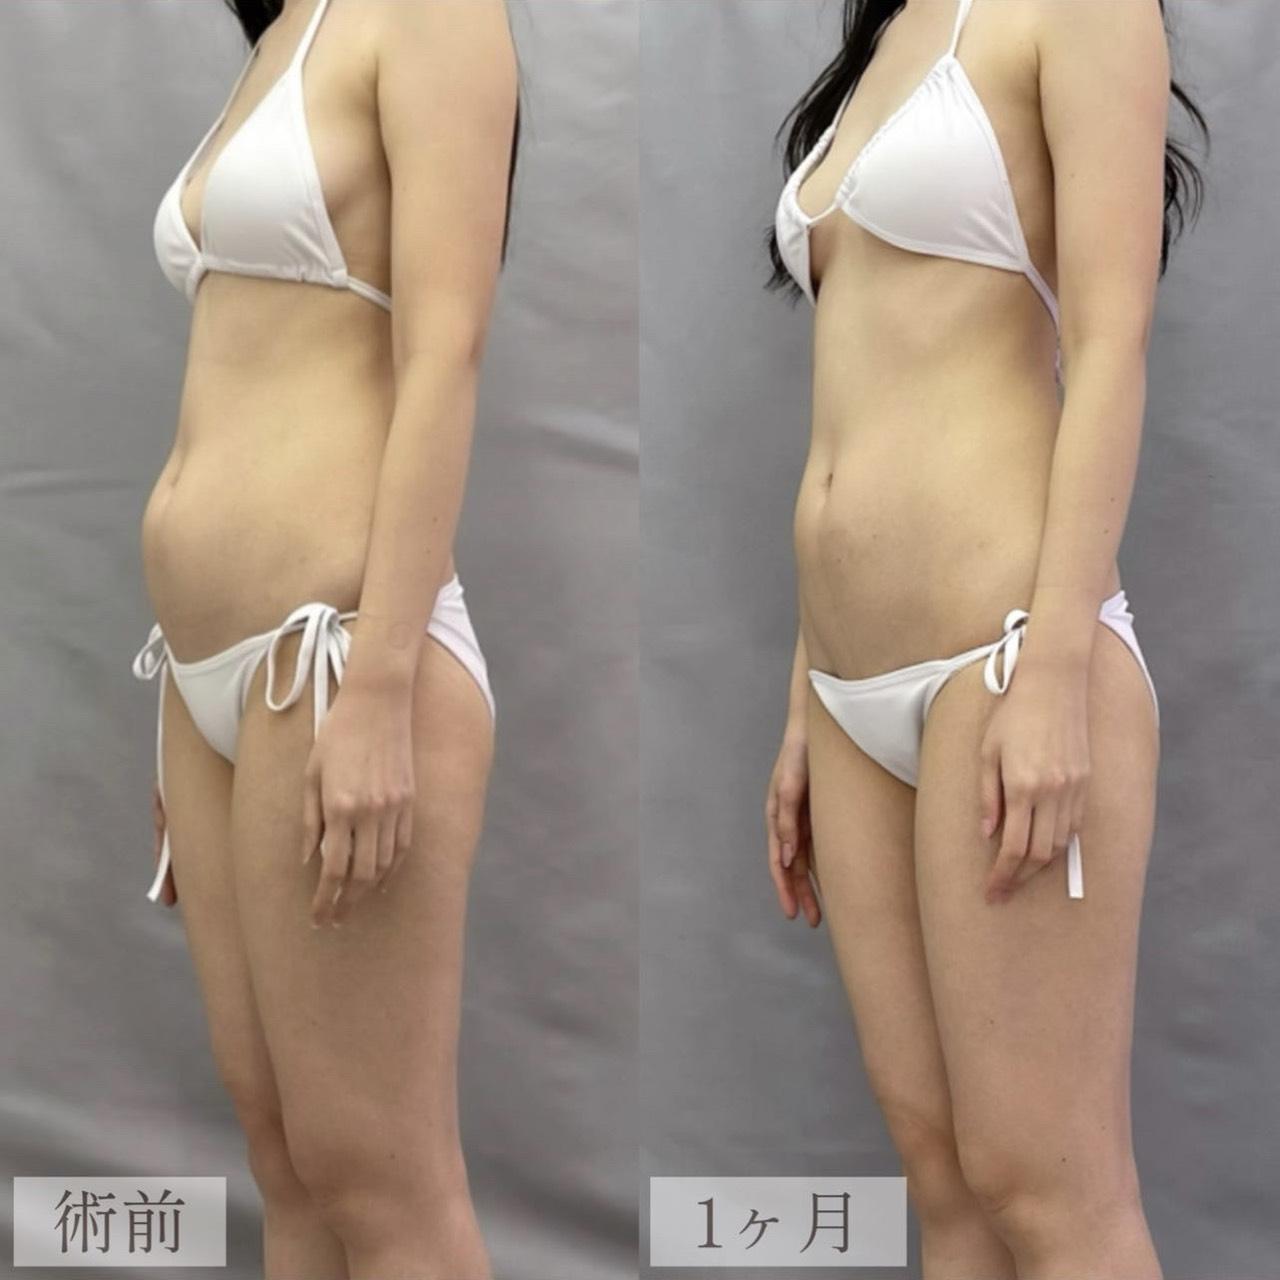 クールスカルプティング【腹部】の画像